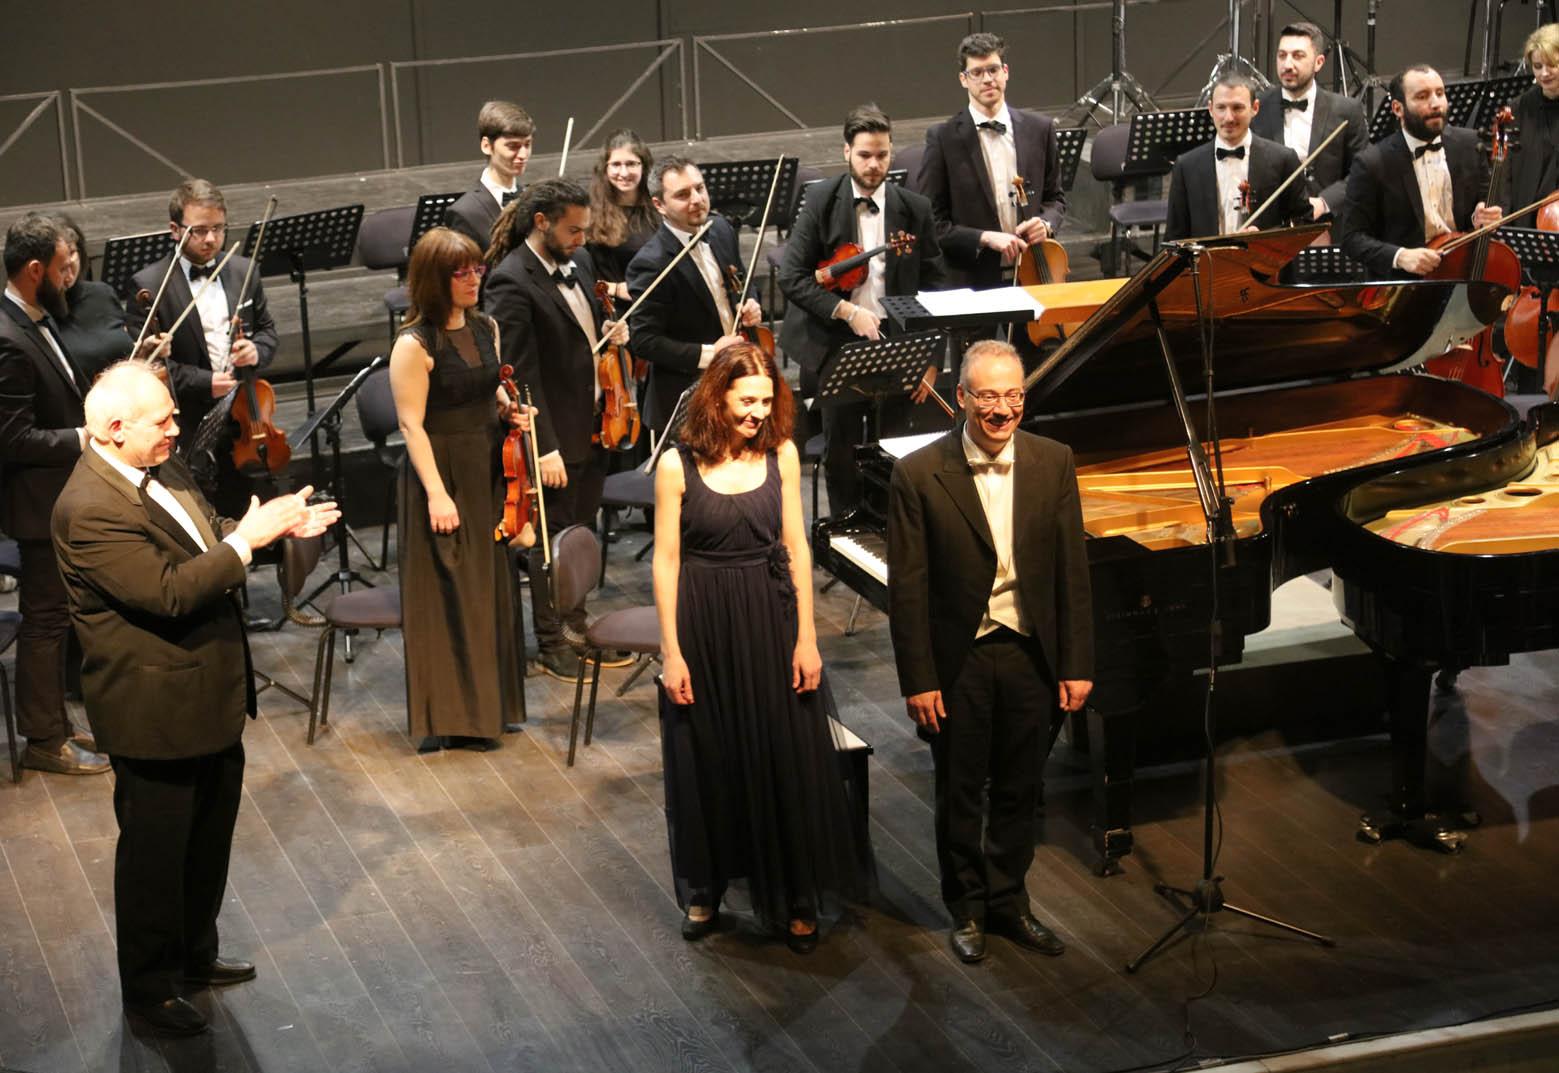 συναυλια κωνσταντινιδης κτιστακης (5)